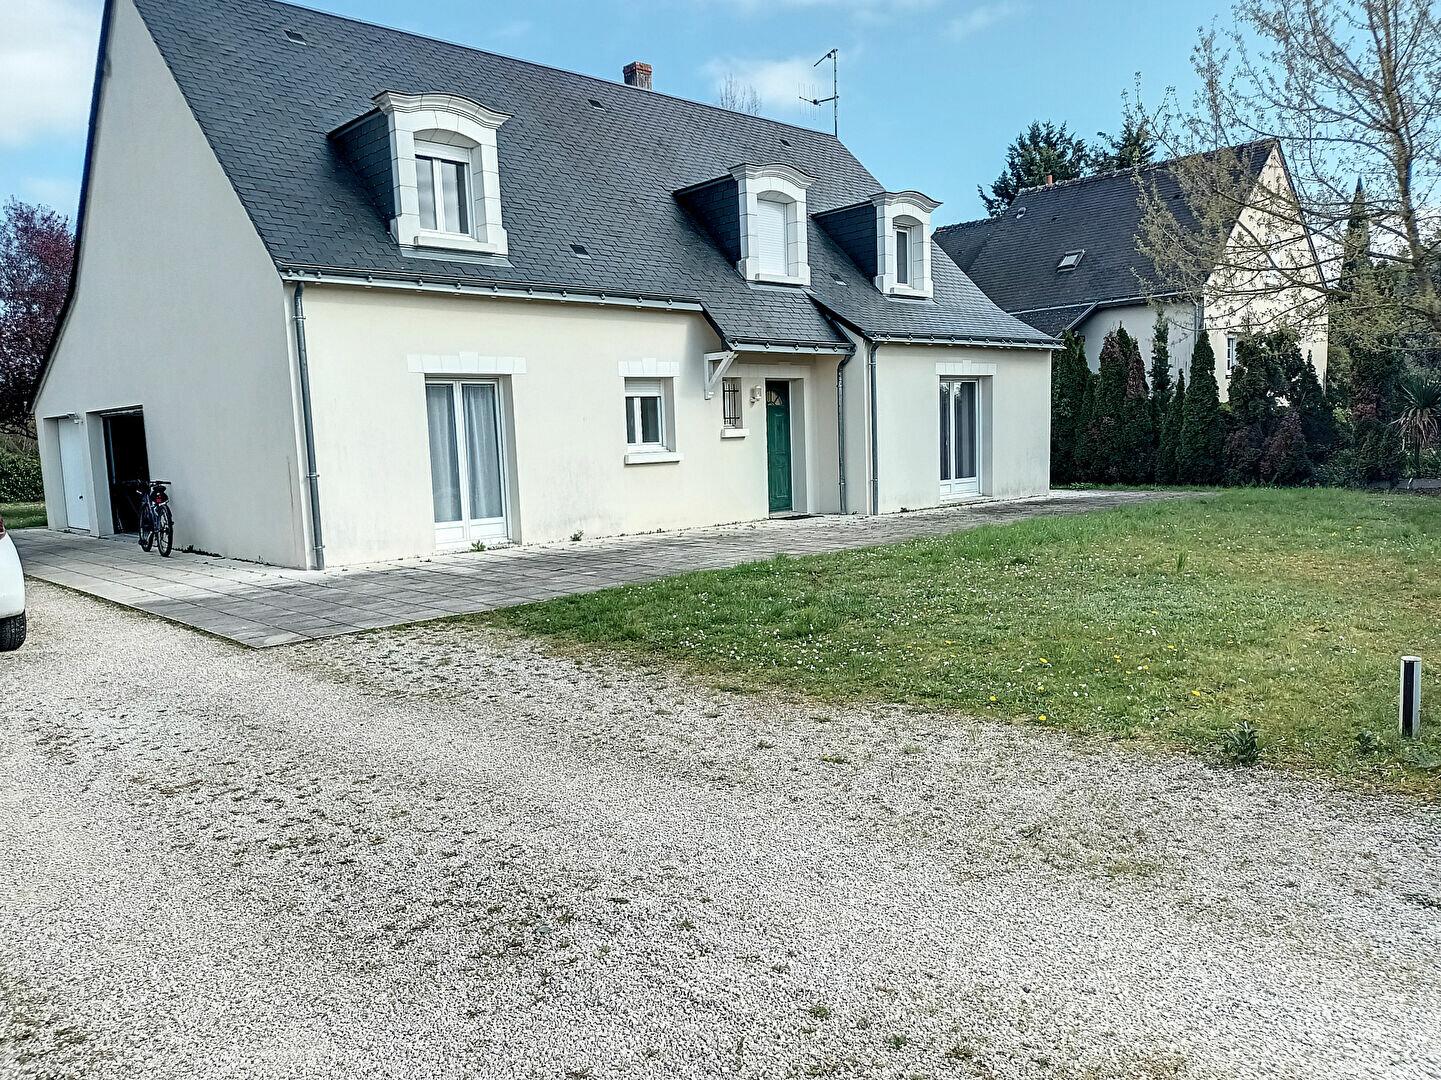 Maison à louer 7 180m2 à Saint-Cyr-sur-Loire vignette-1